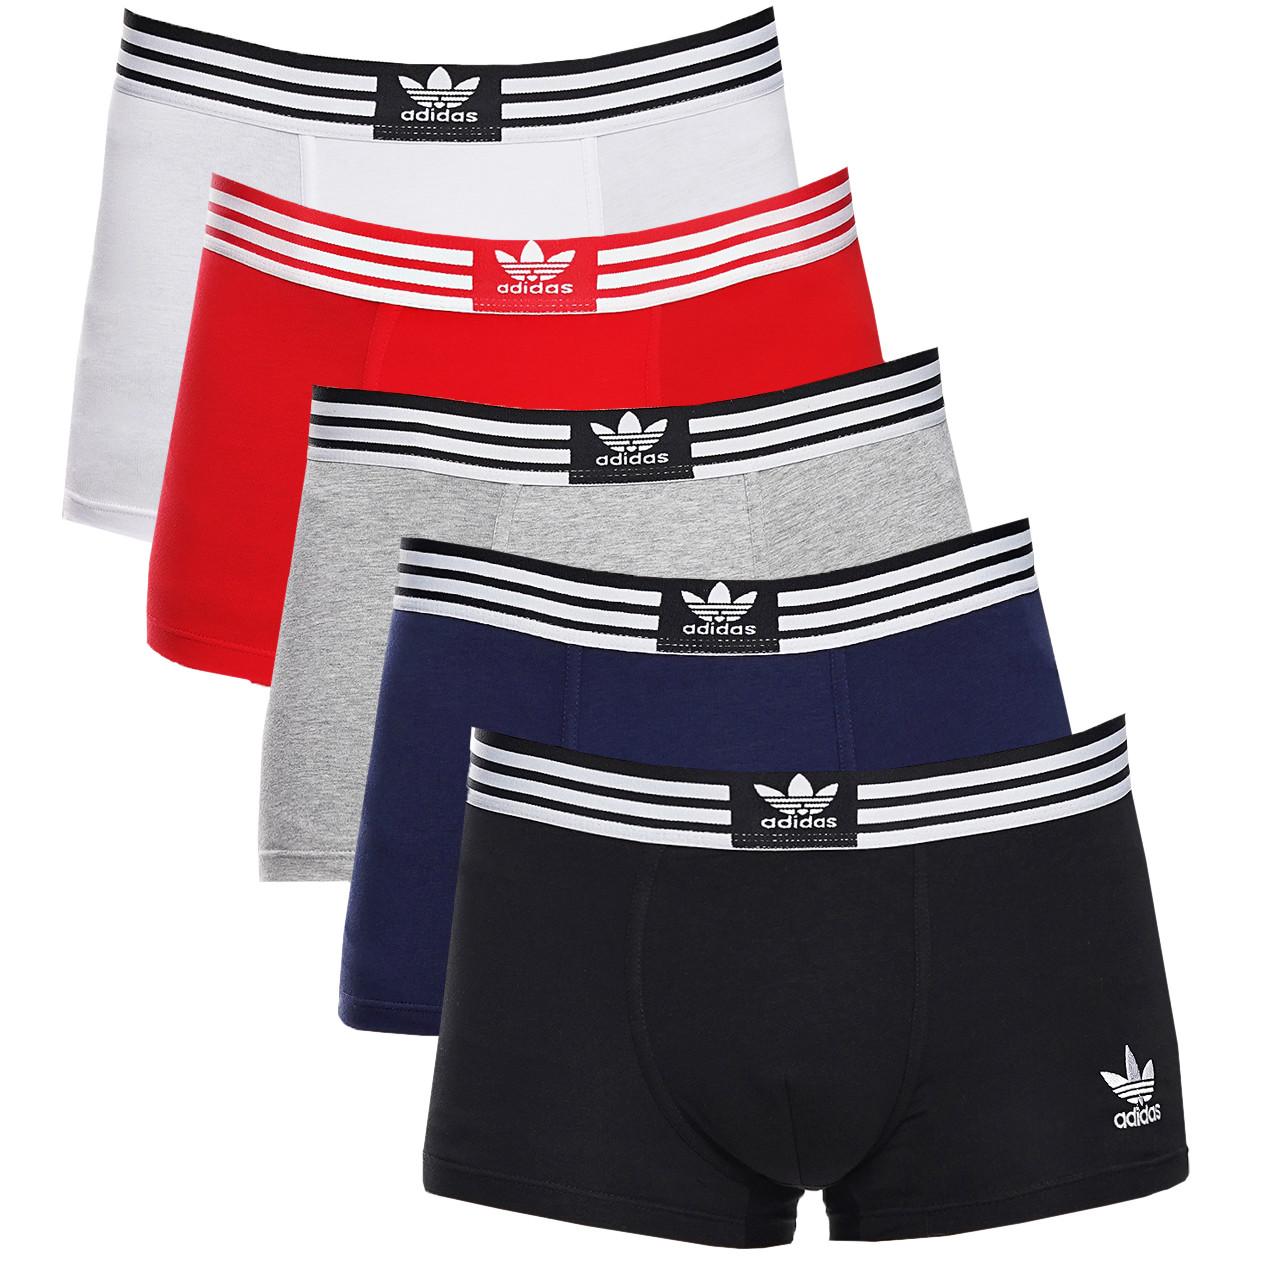 Набір чоловічих трусів боксерів Adidas (5шт) в подарунковій коробці бавовна Розмір 2XL